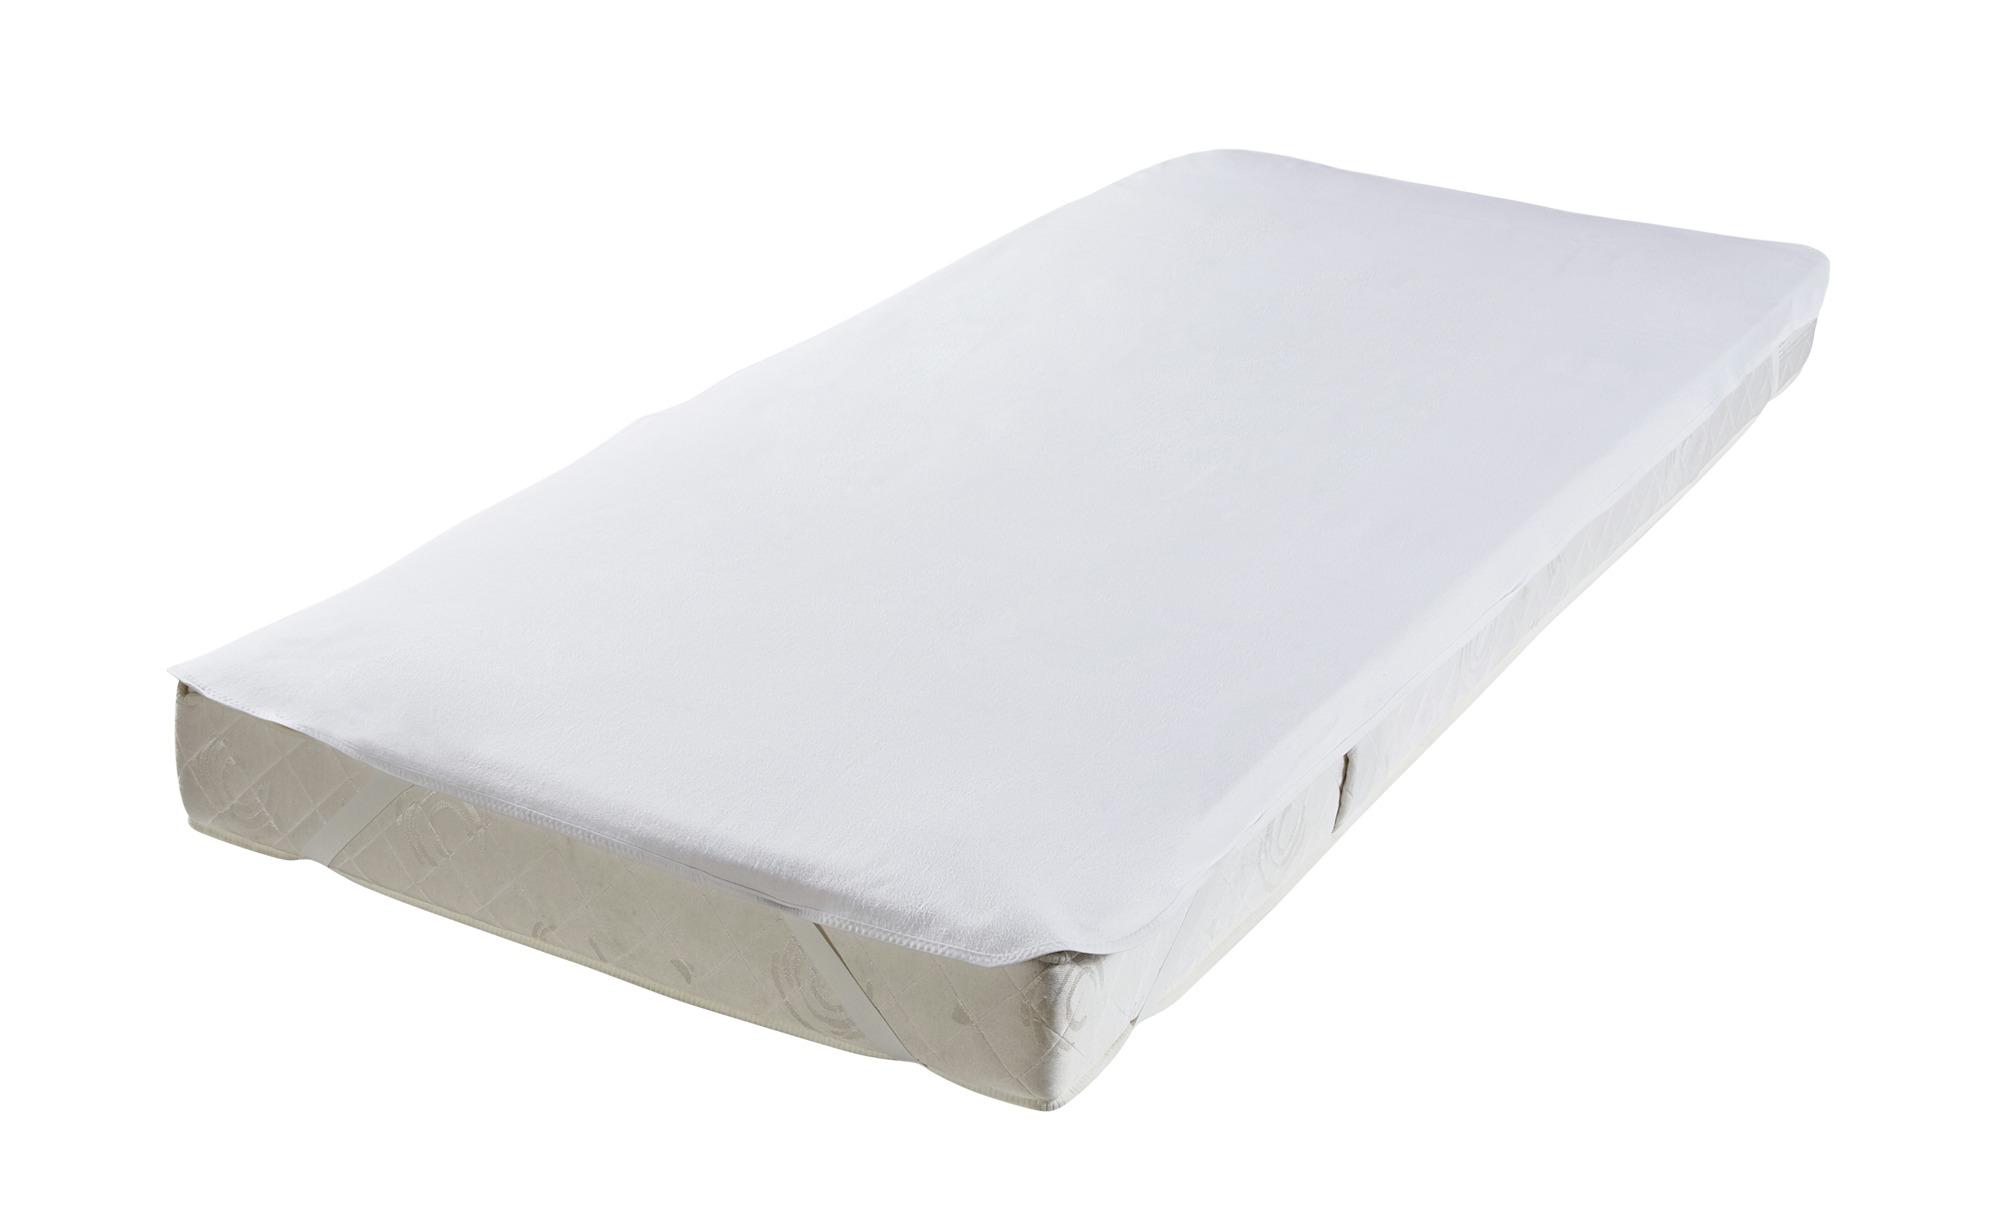 LAVIDA Molton-Matratzenauflage - weiß - 100% Baumwolle - 160 cm - Sconto